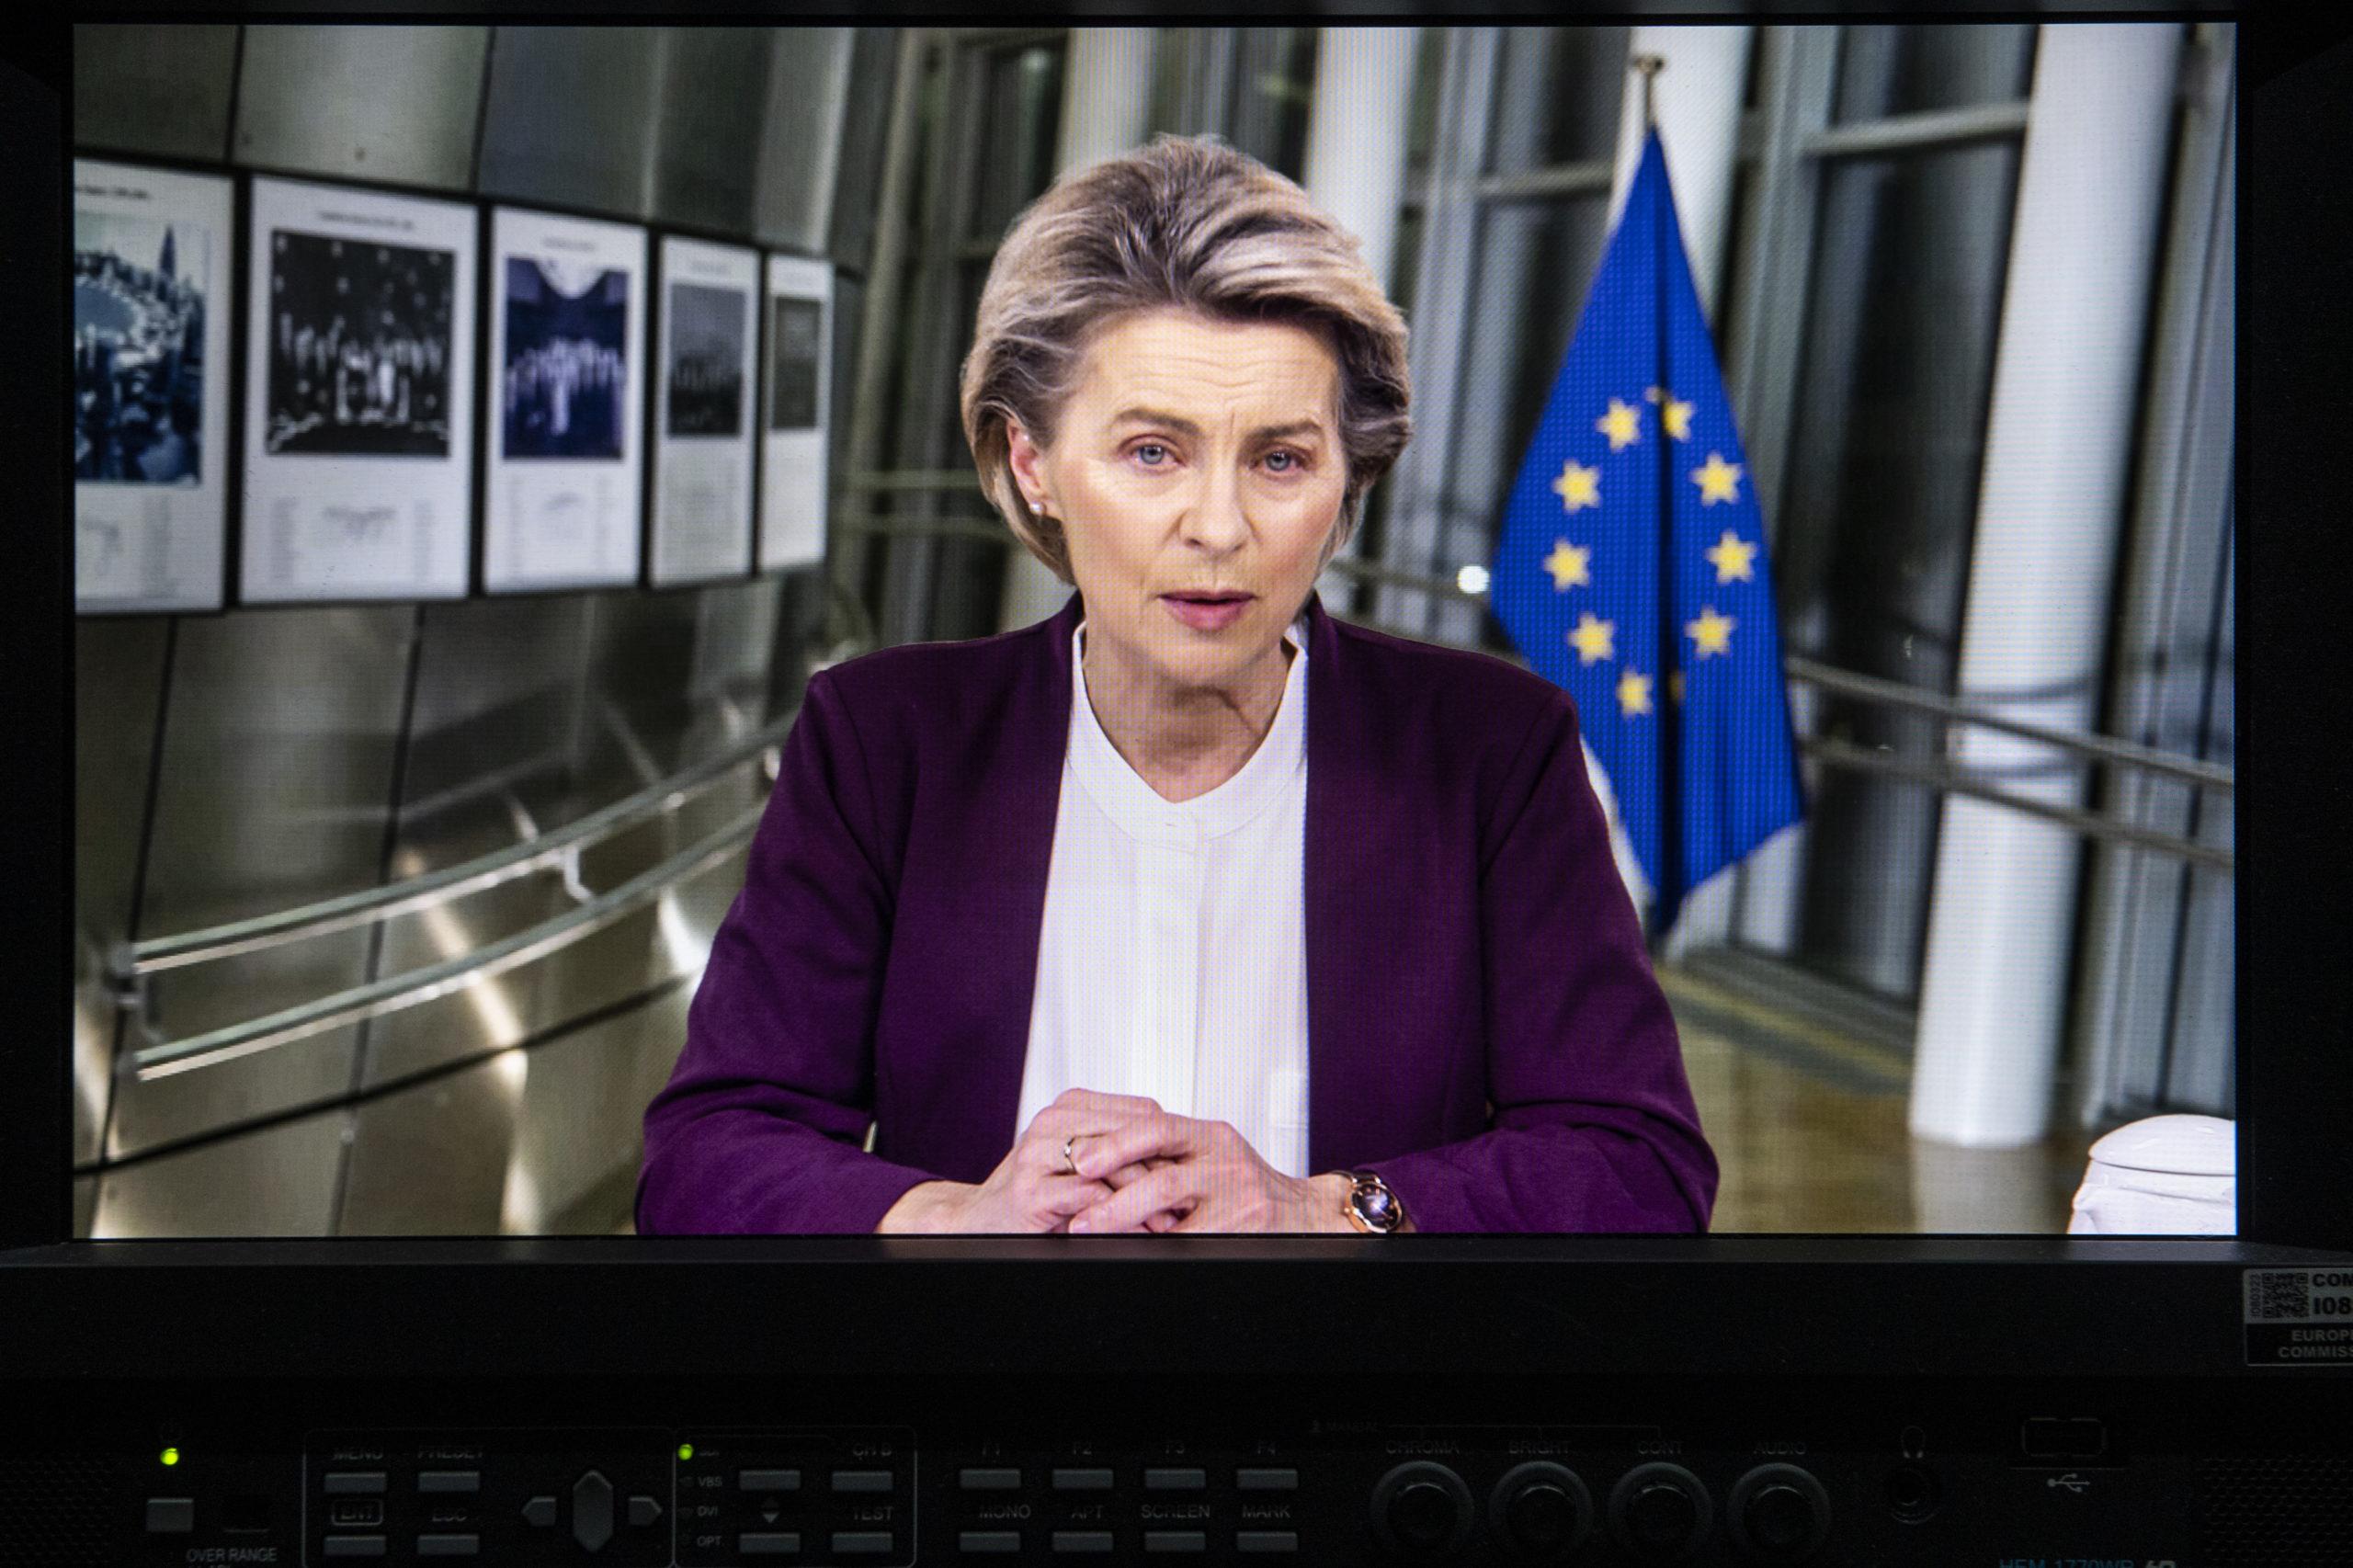 Präsidentin der EU-Kommission Ursula von der Leyen Bild: Europäische Union